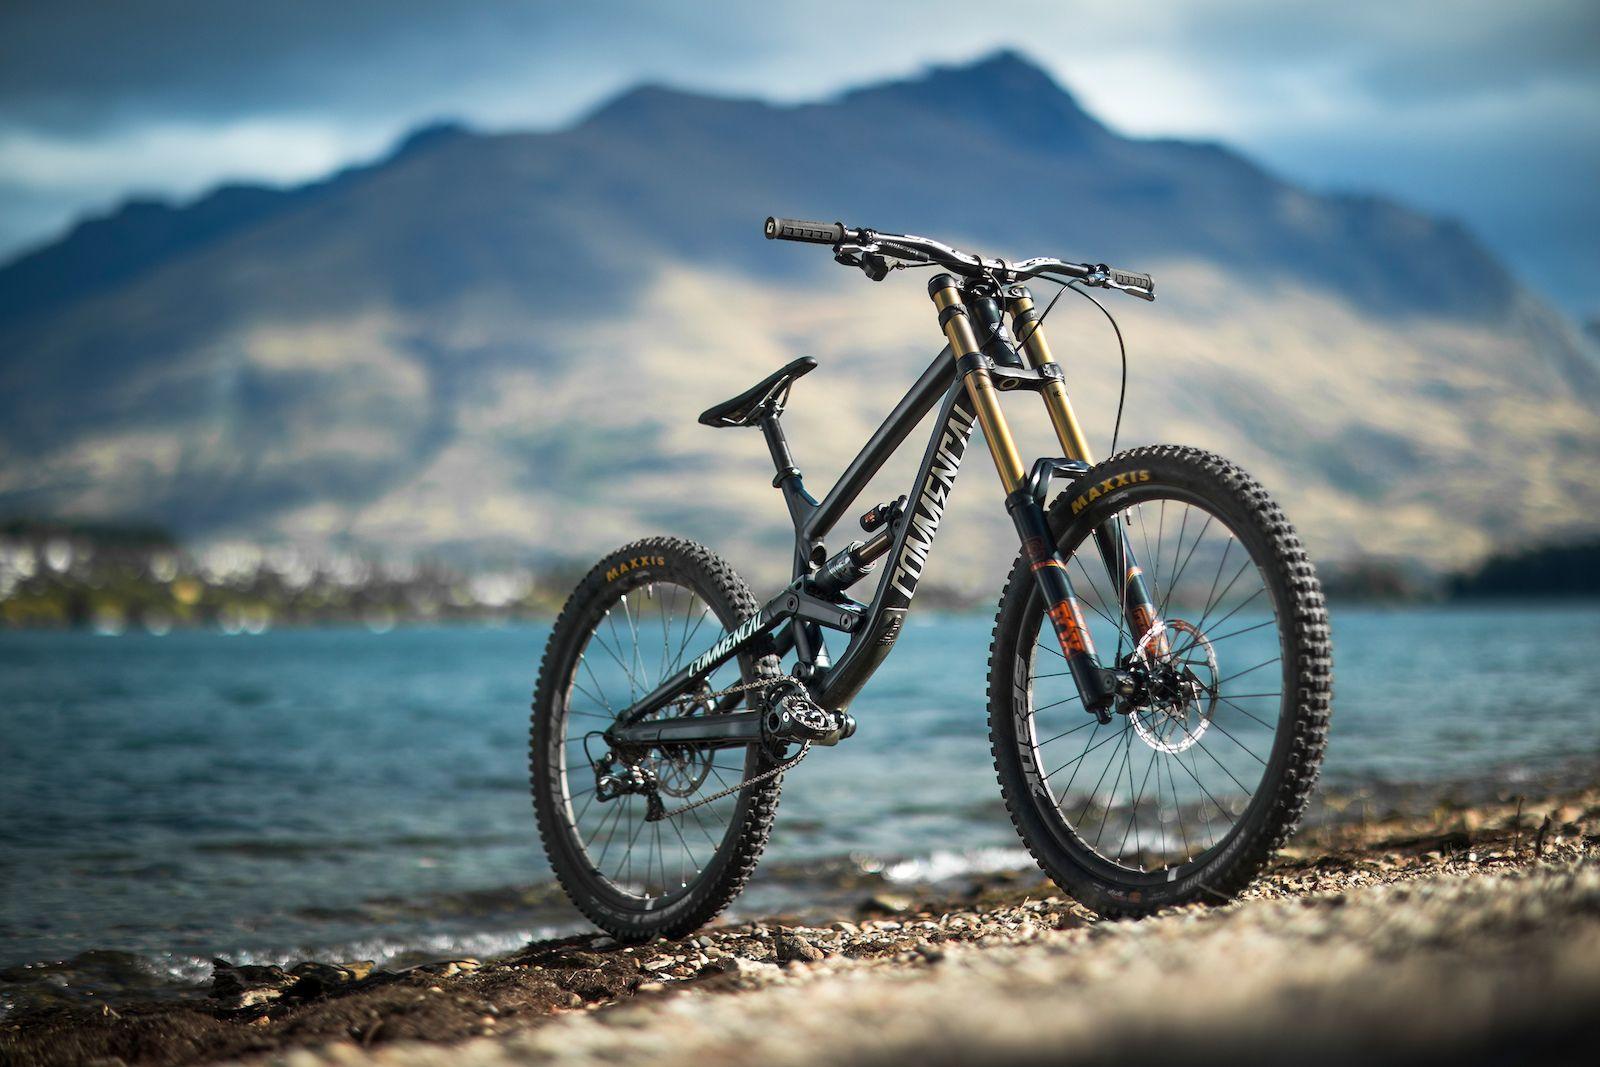 Commencal Supreme V4.2 (With images) Mtb bike